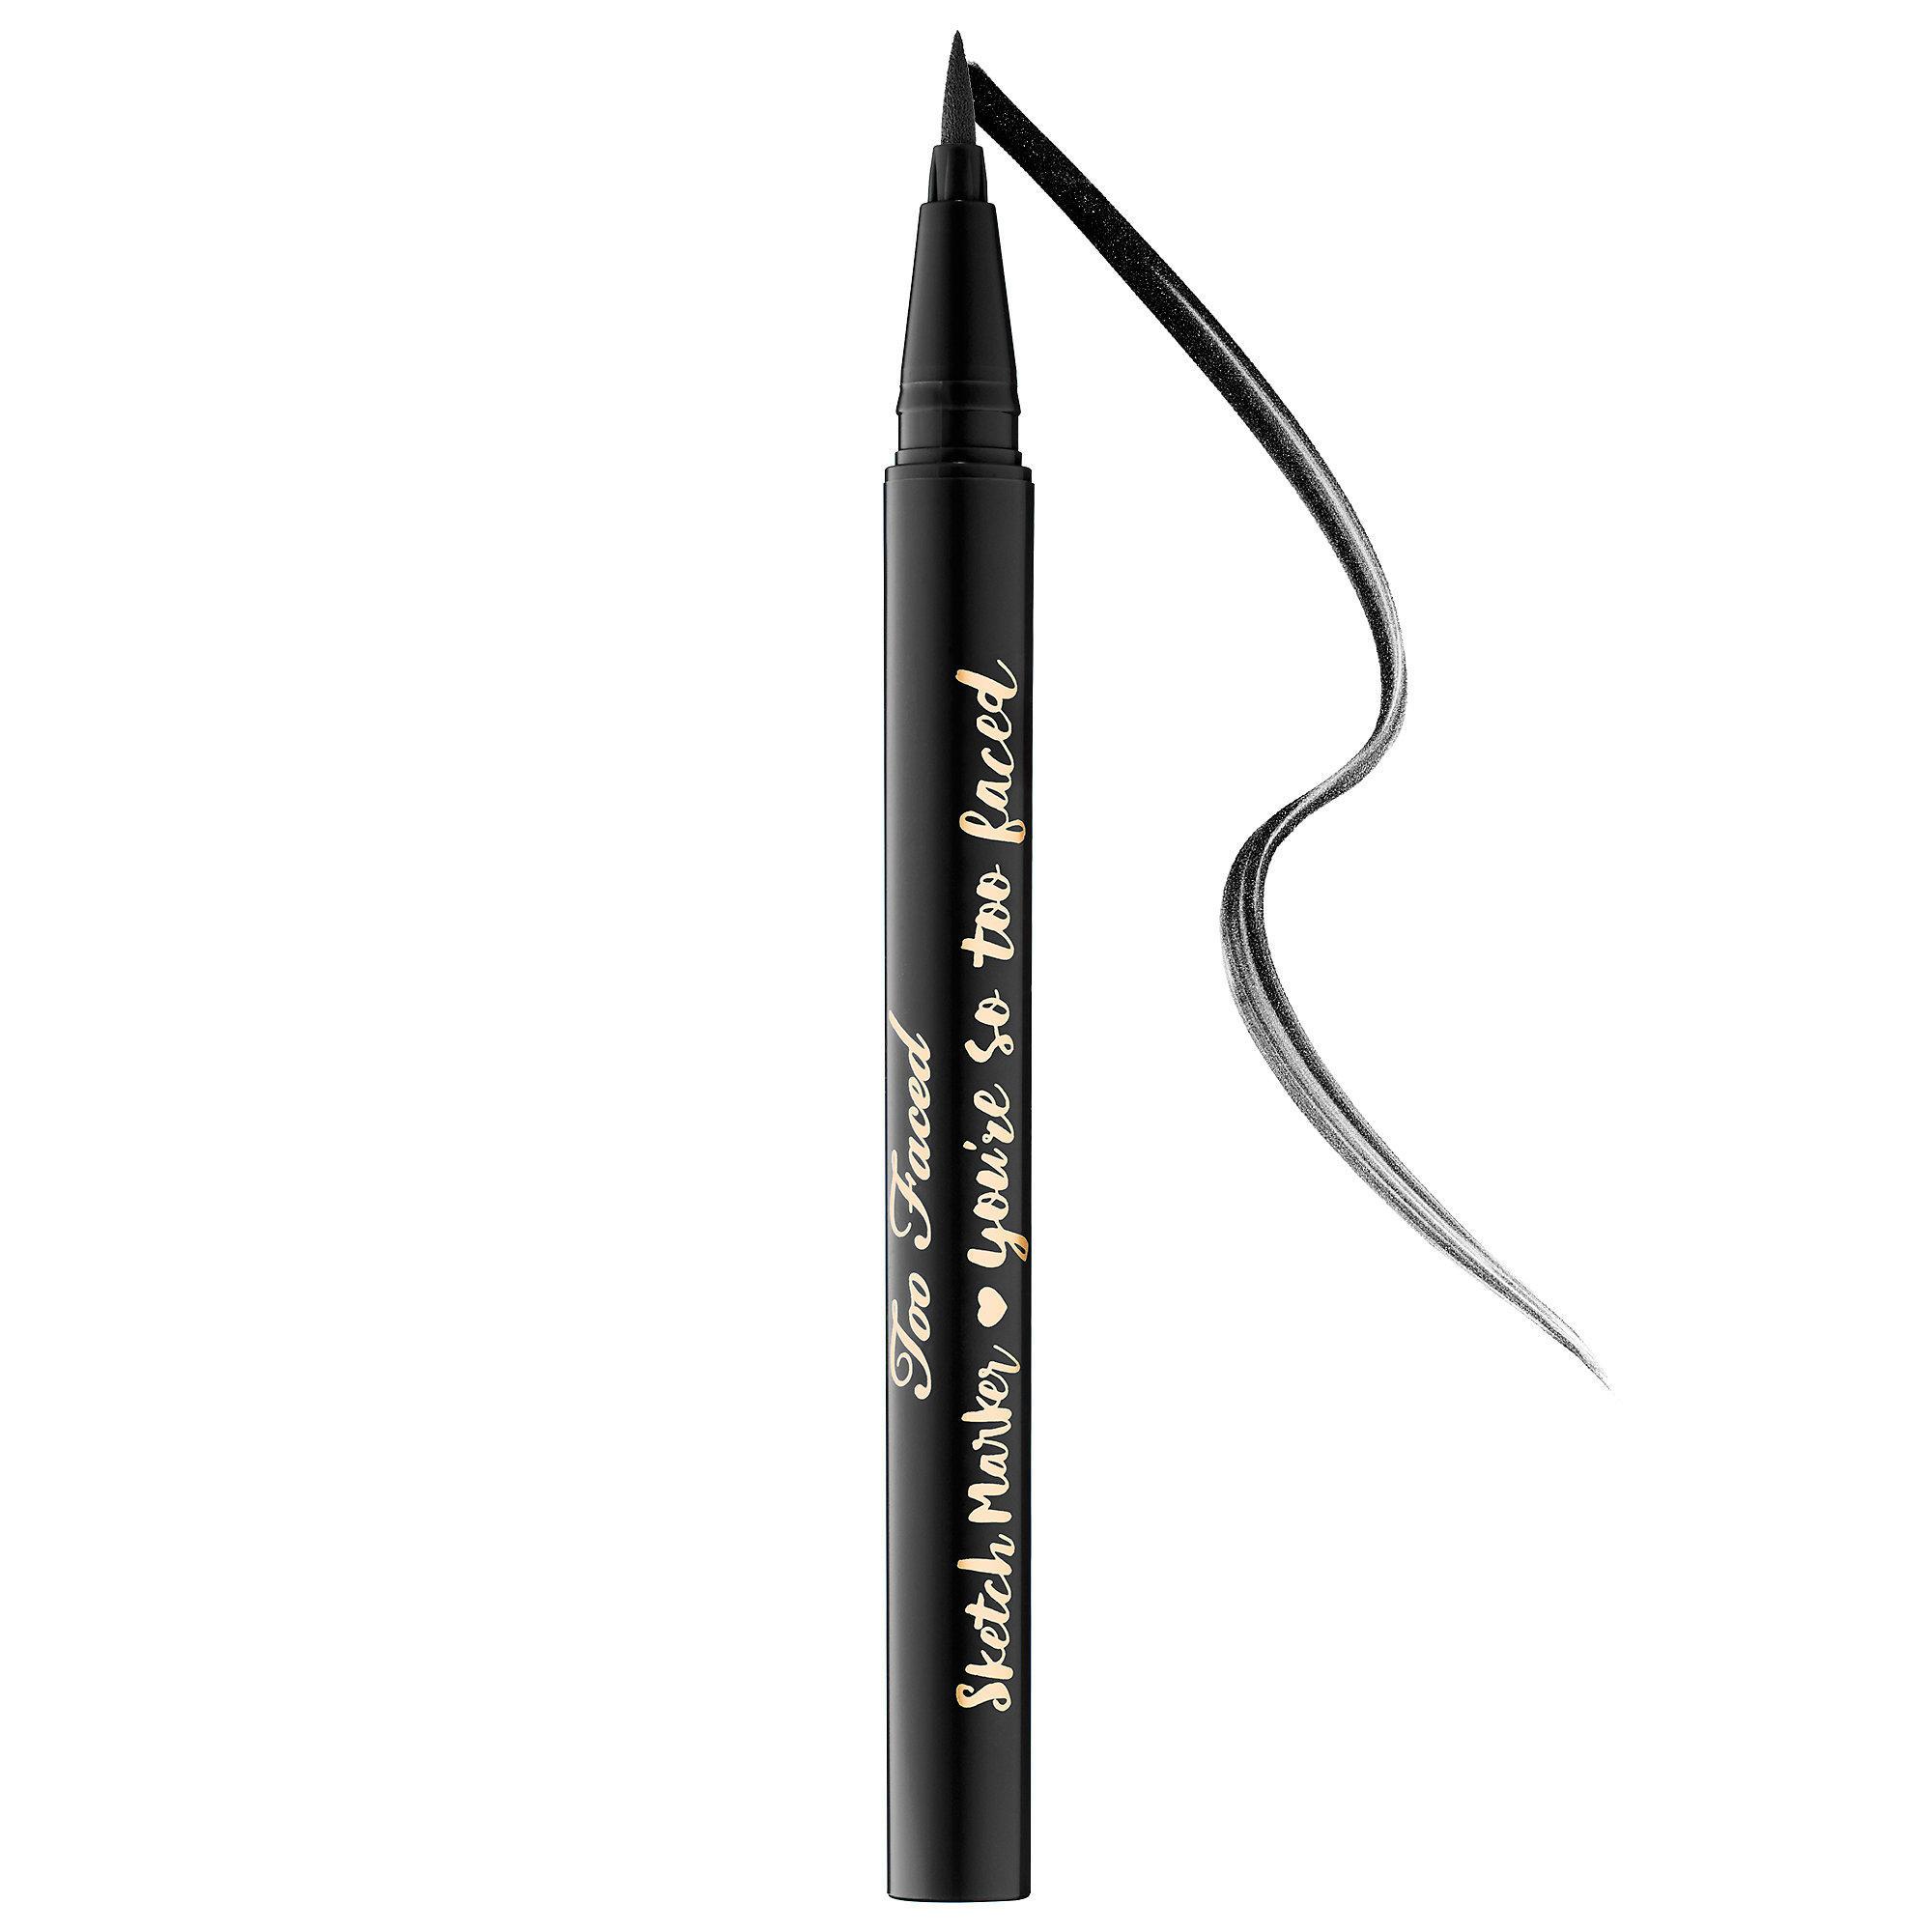 Too Faced Sketch Marker Liquid Art Eyeliner Black